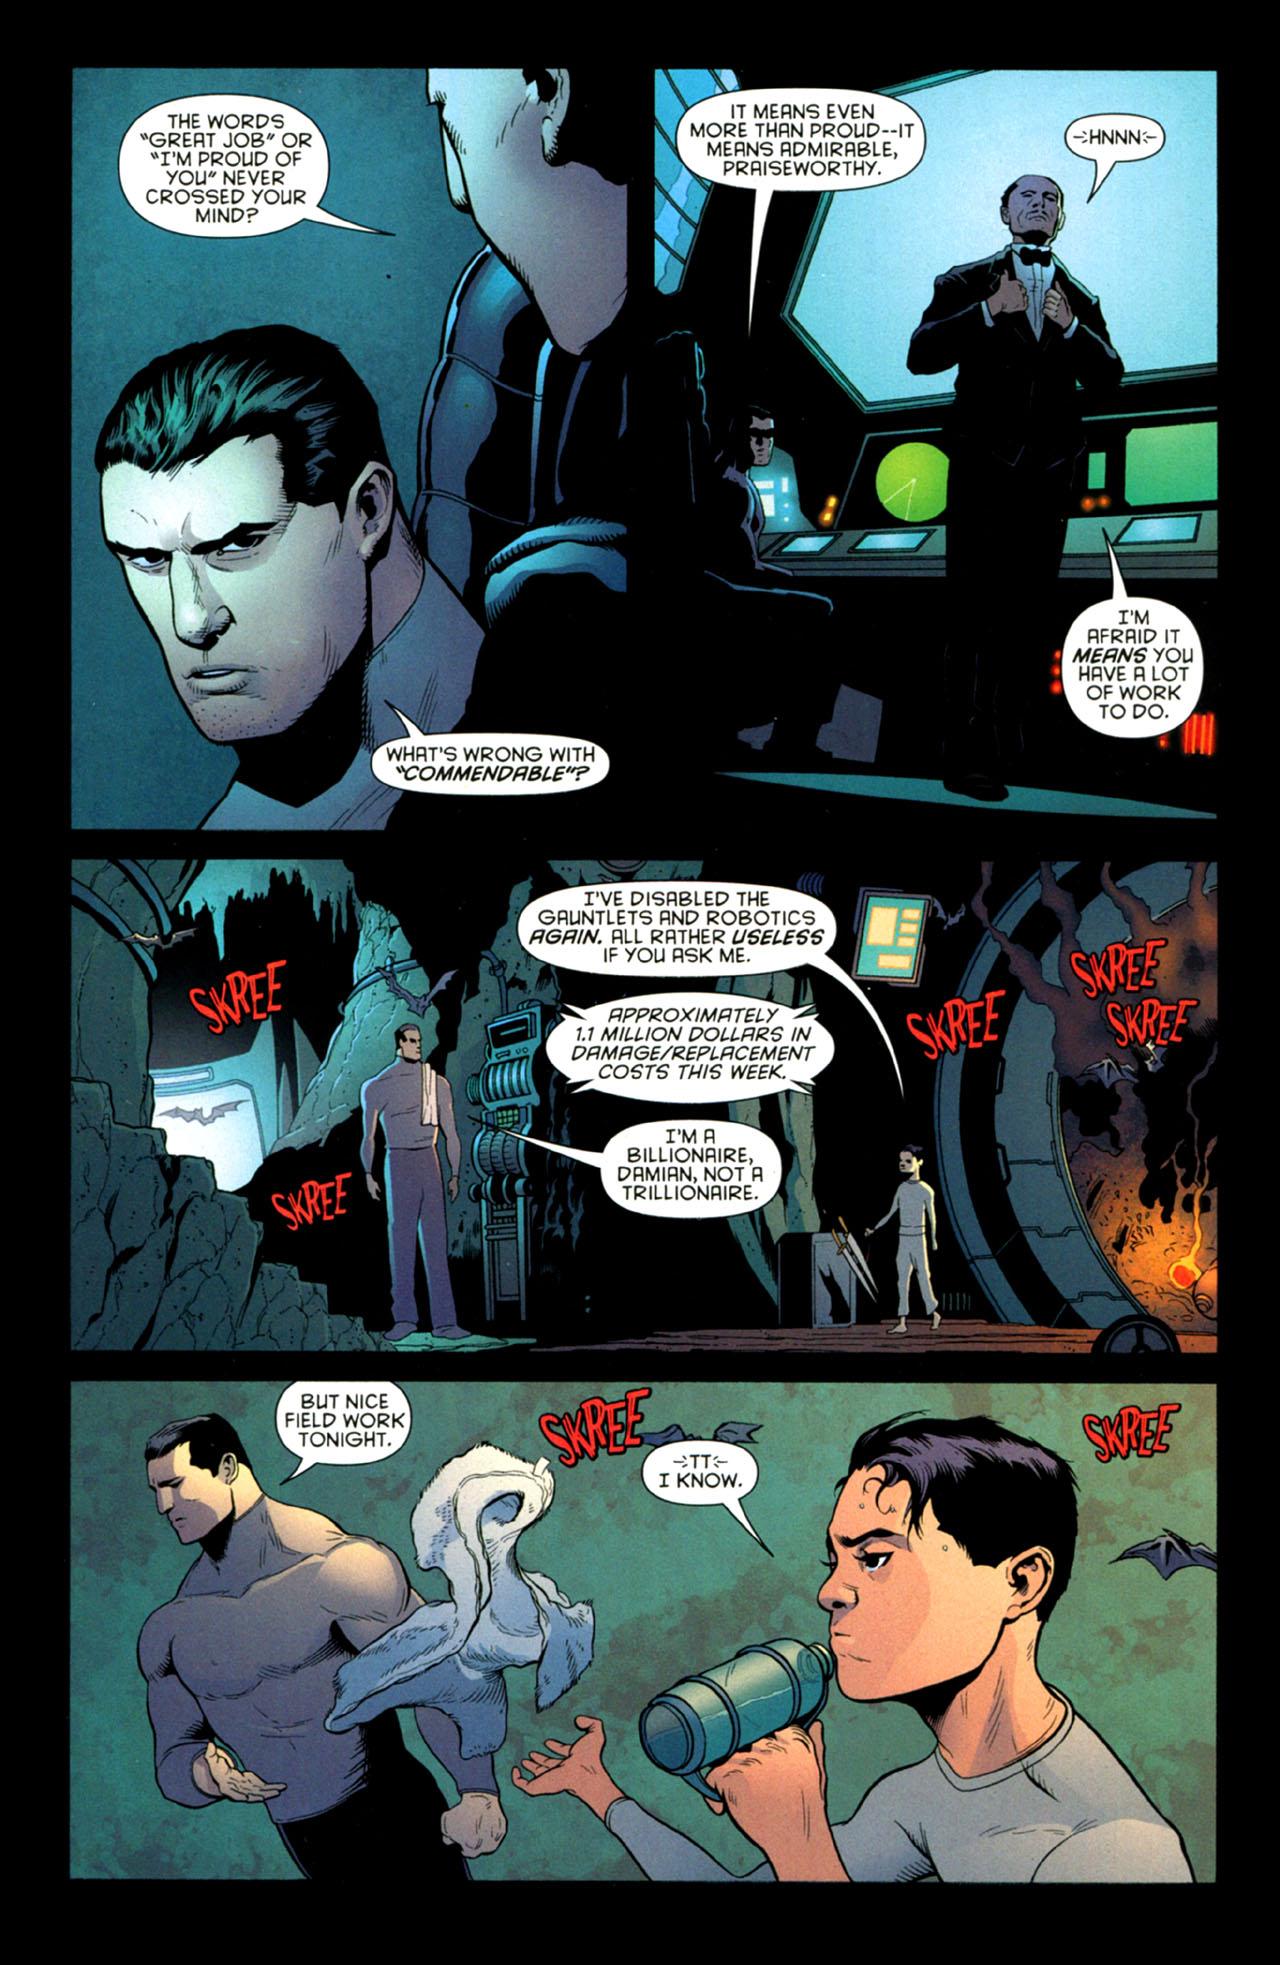 Batman And Robin 2 2 (Batman And Robin2-2.jpg) - 9397828 ...